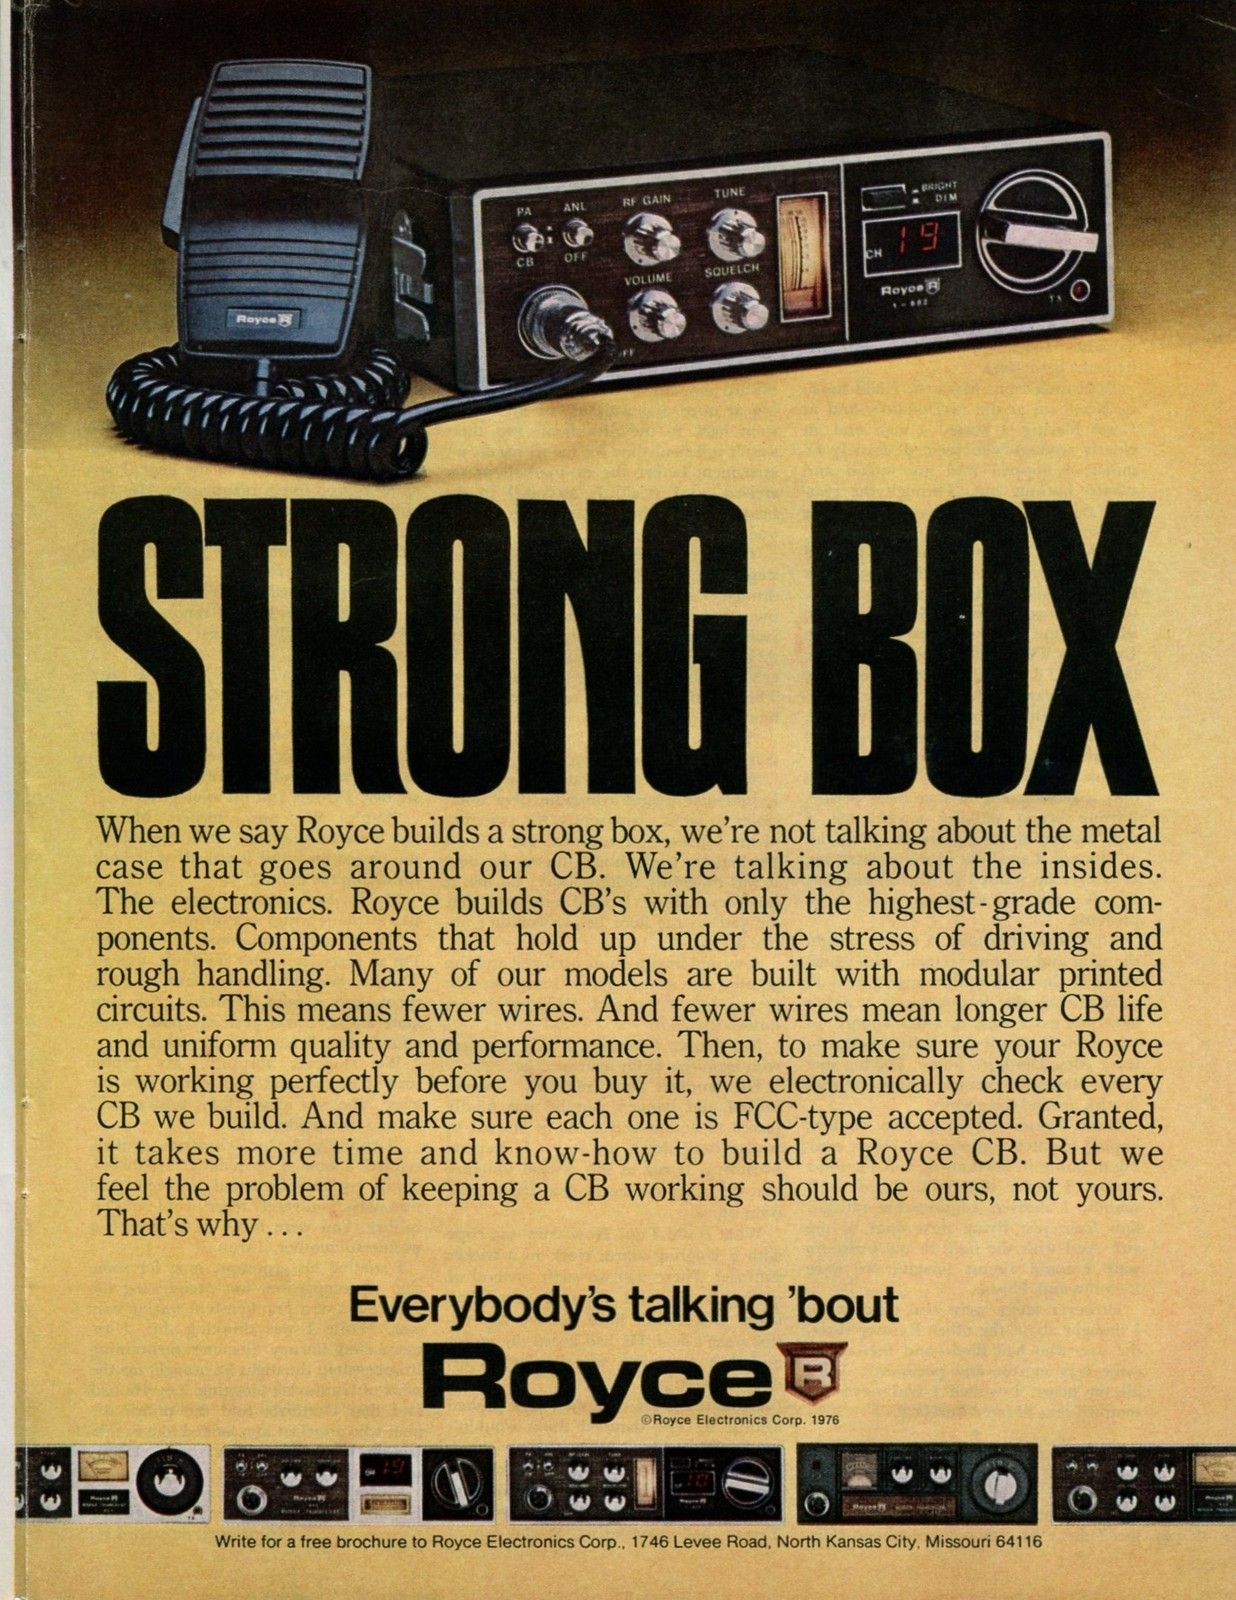 1976 royce electronics cb radio color retro vintage